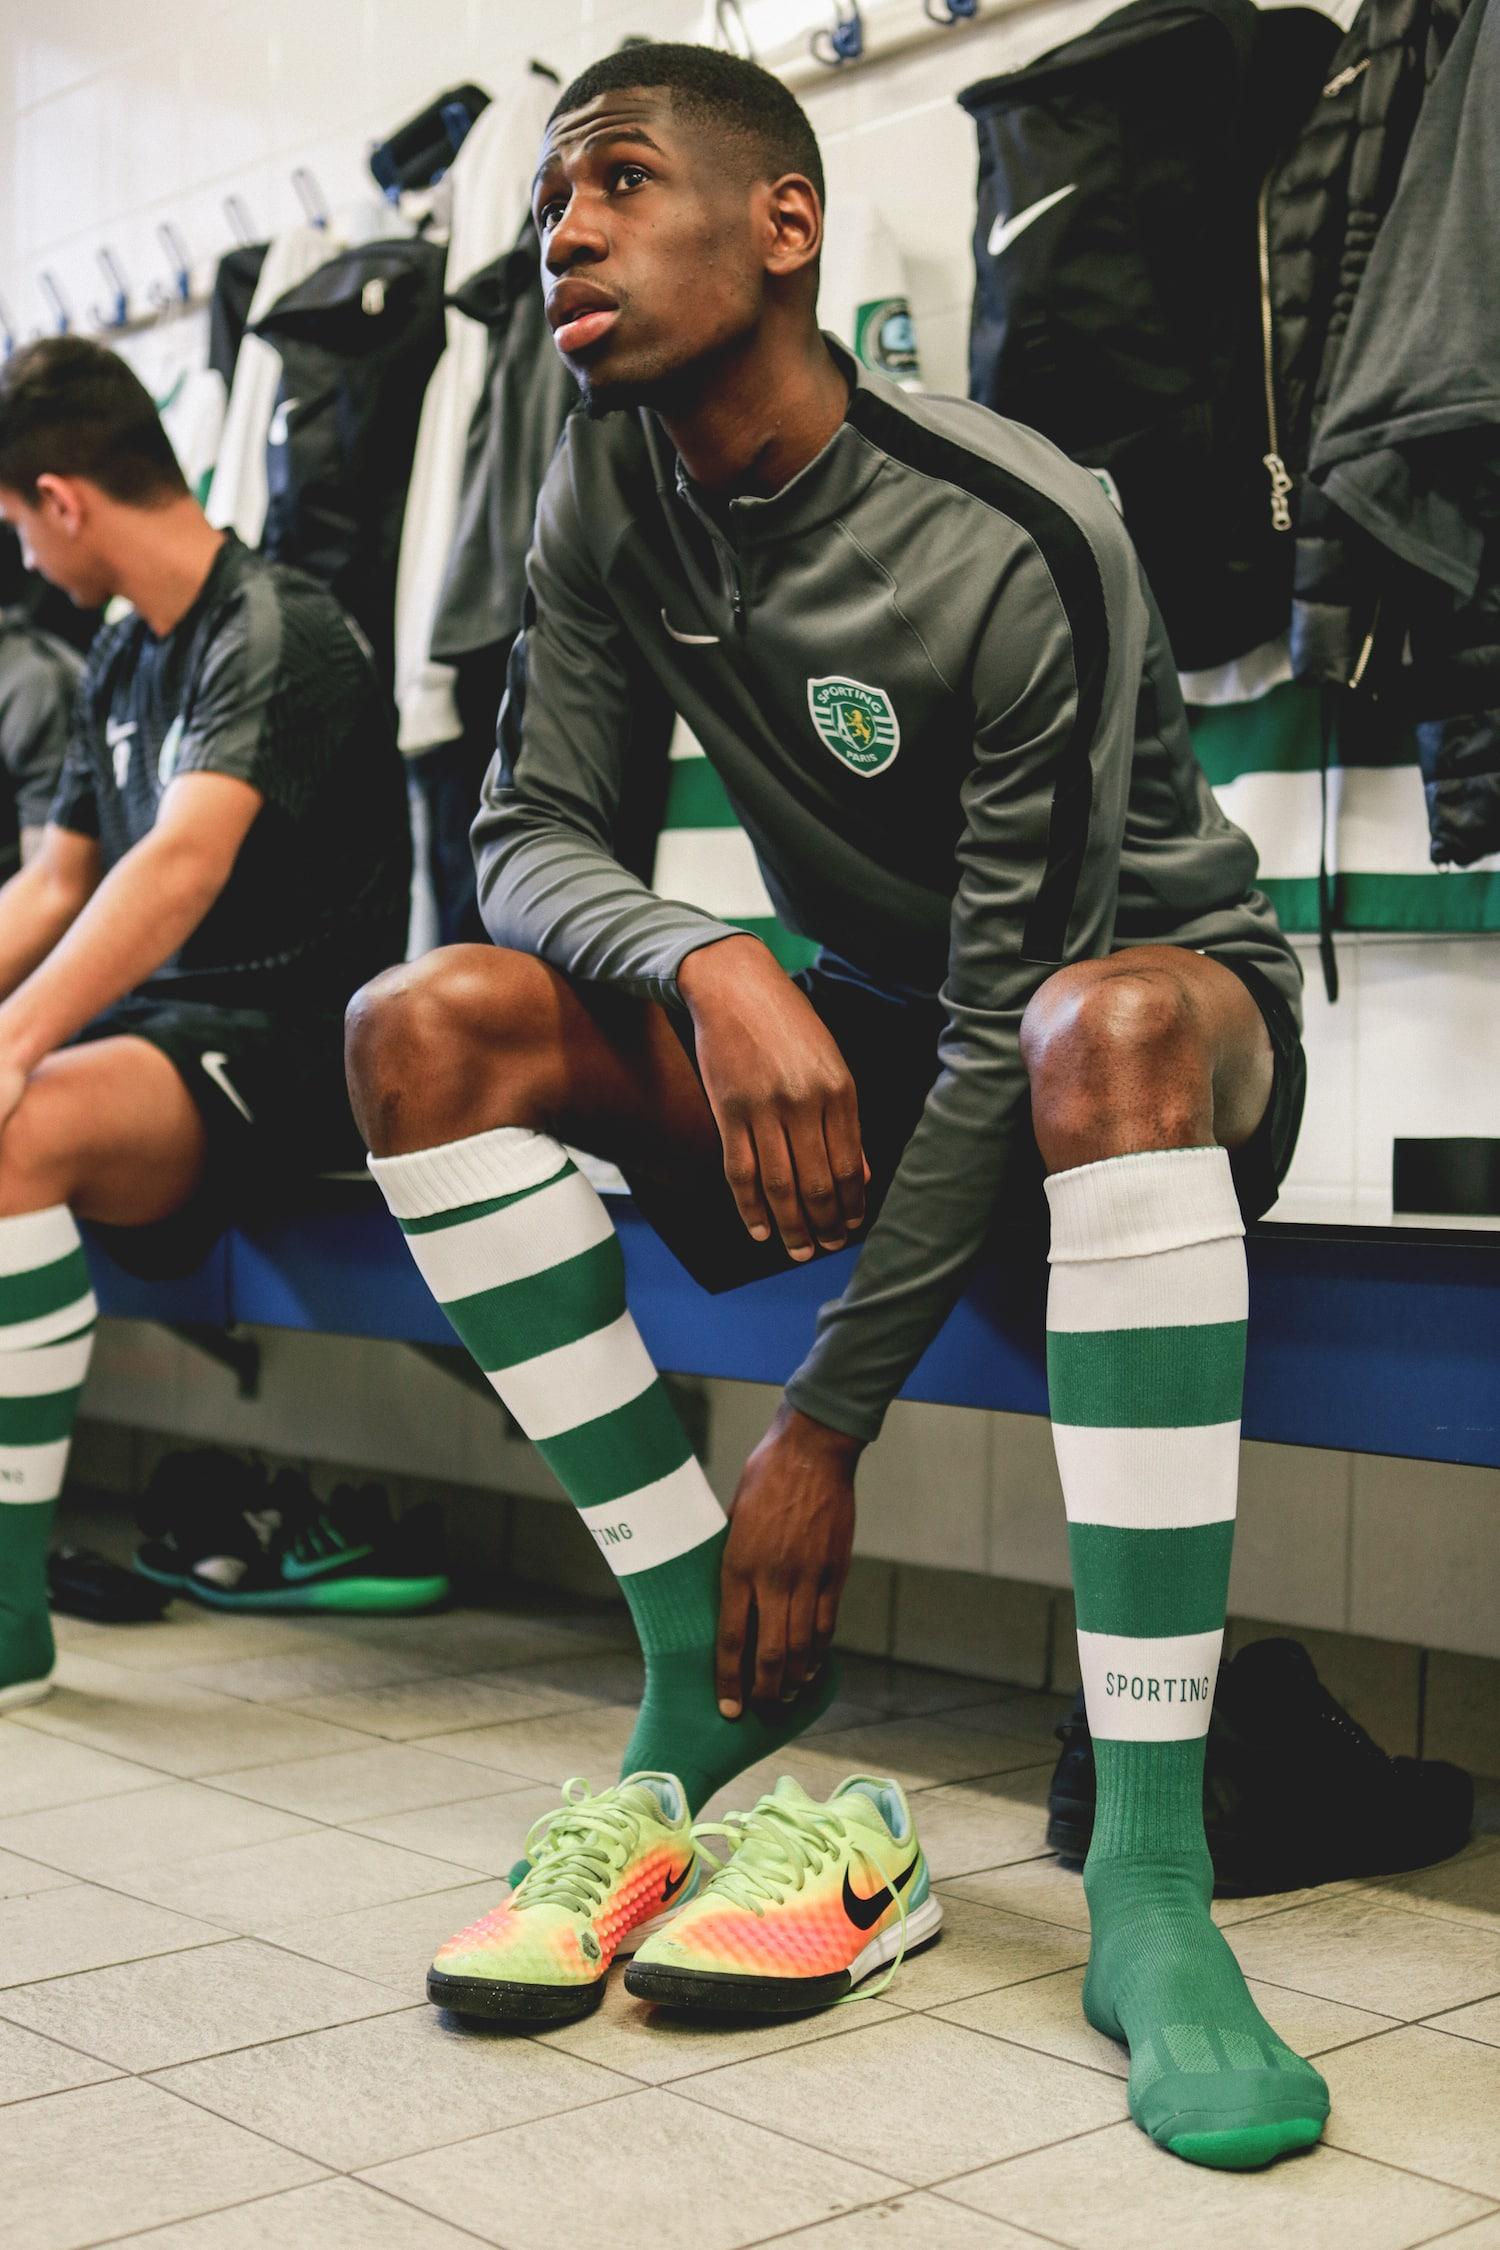 inside-sporting-club-paris-footpack-img6